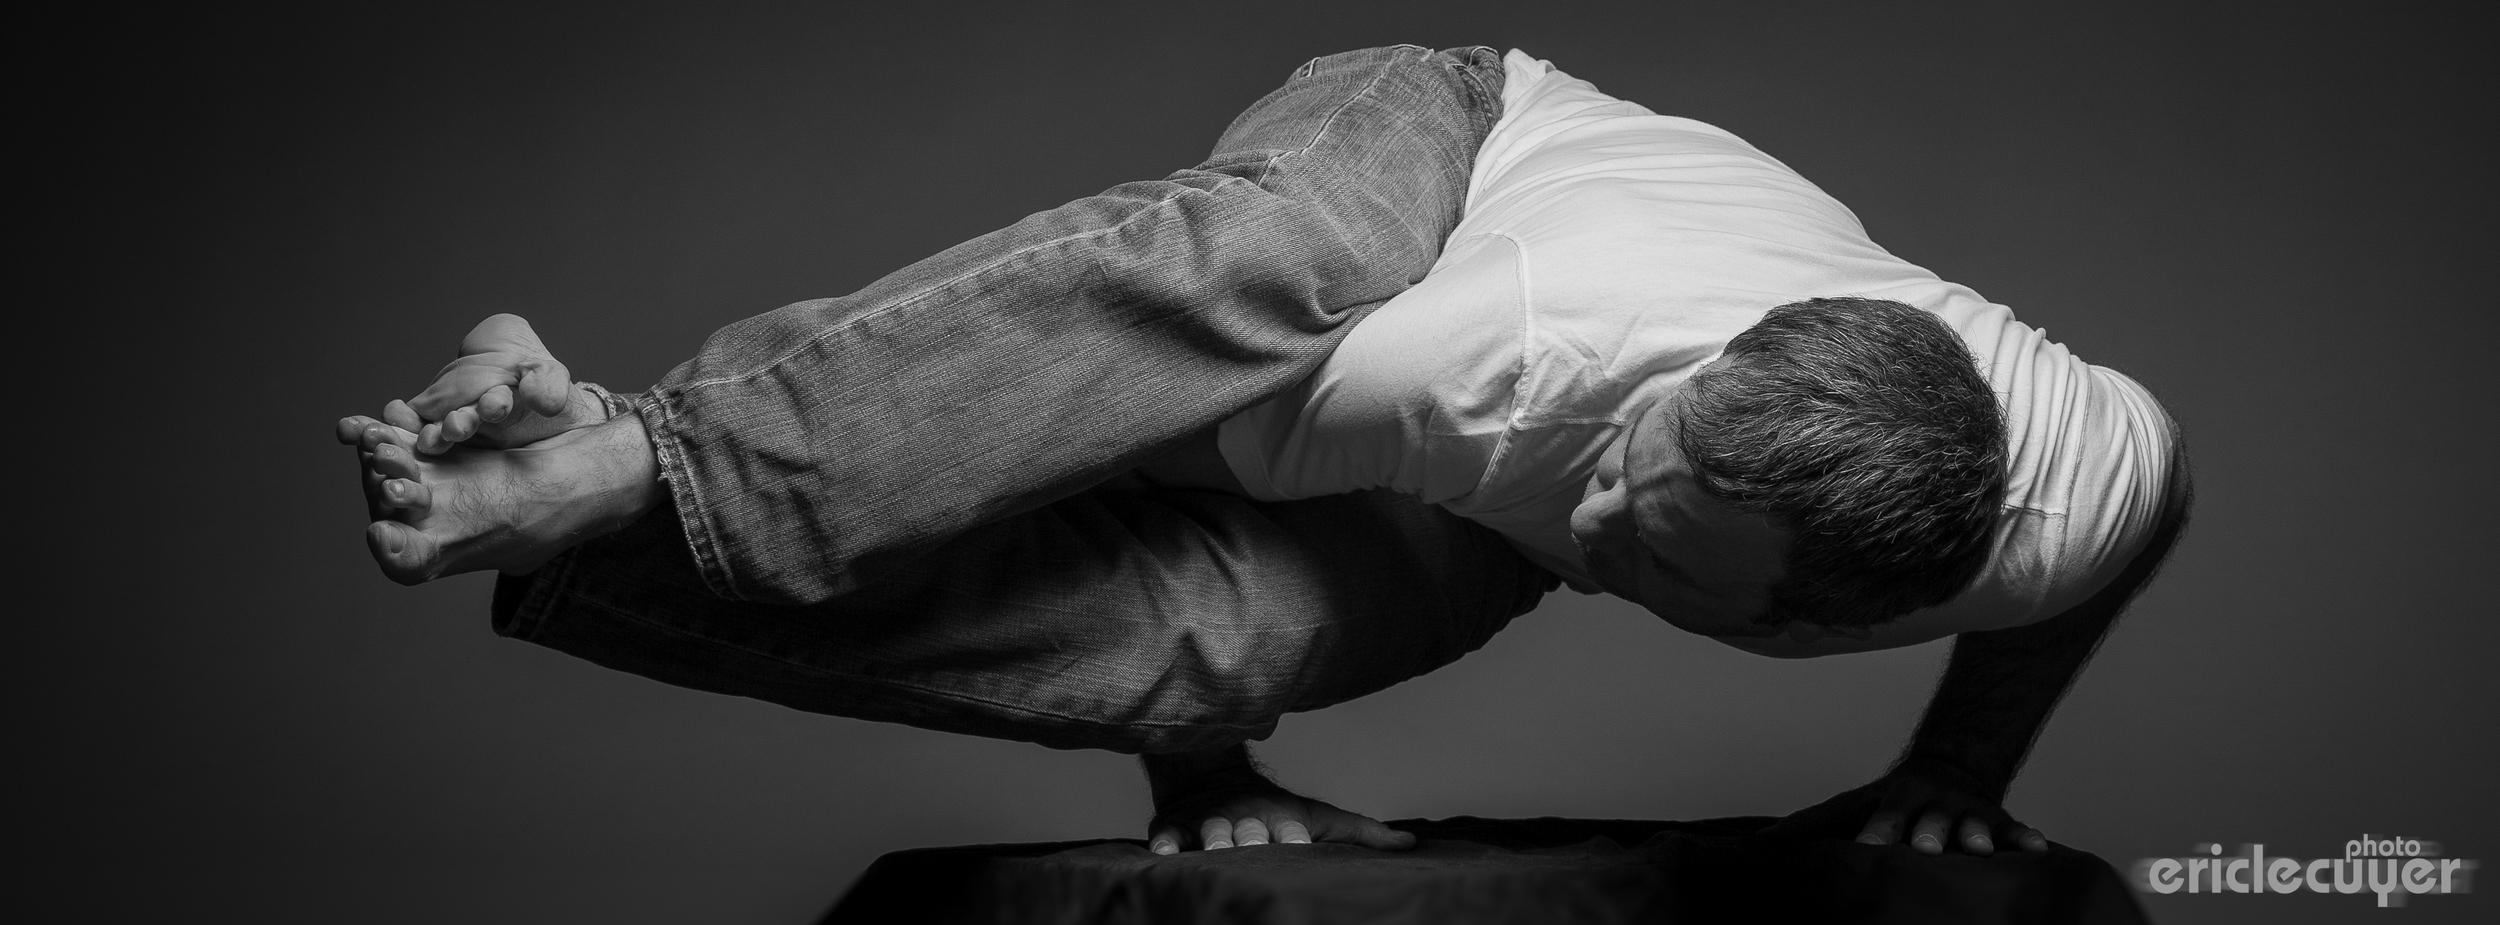 13-02-16Eric_Yoga-7.jpg